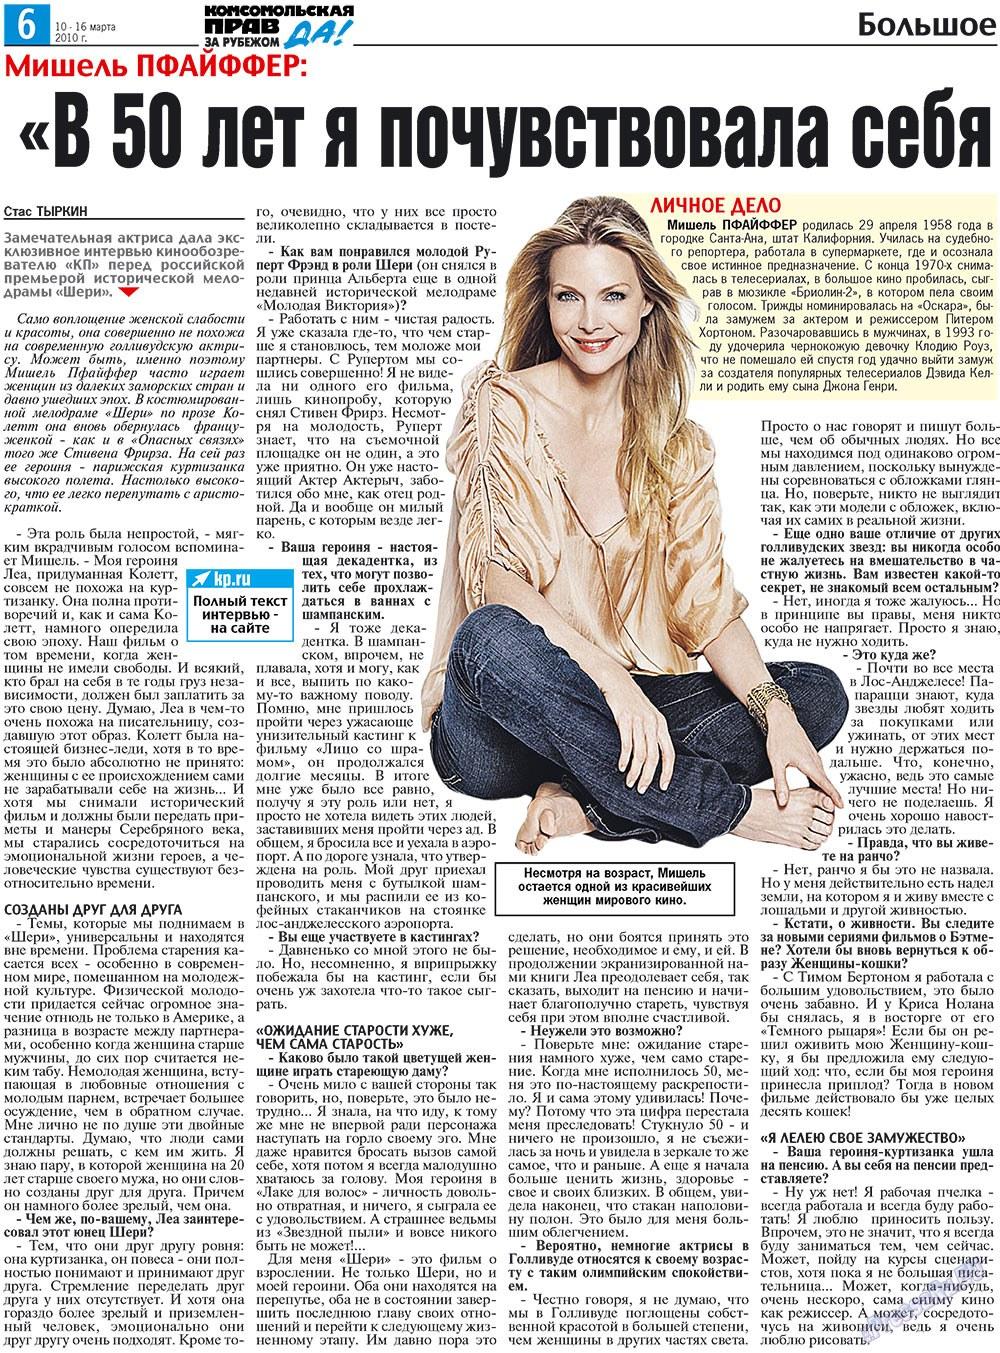 Наша Газета Ирландия (газета). 2010 год, номер 10, стр. 13